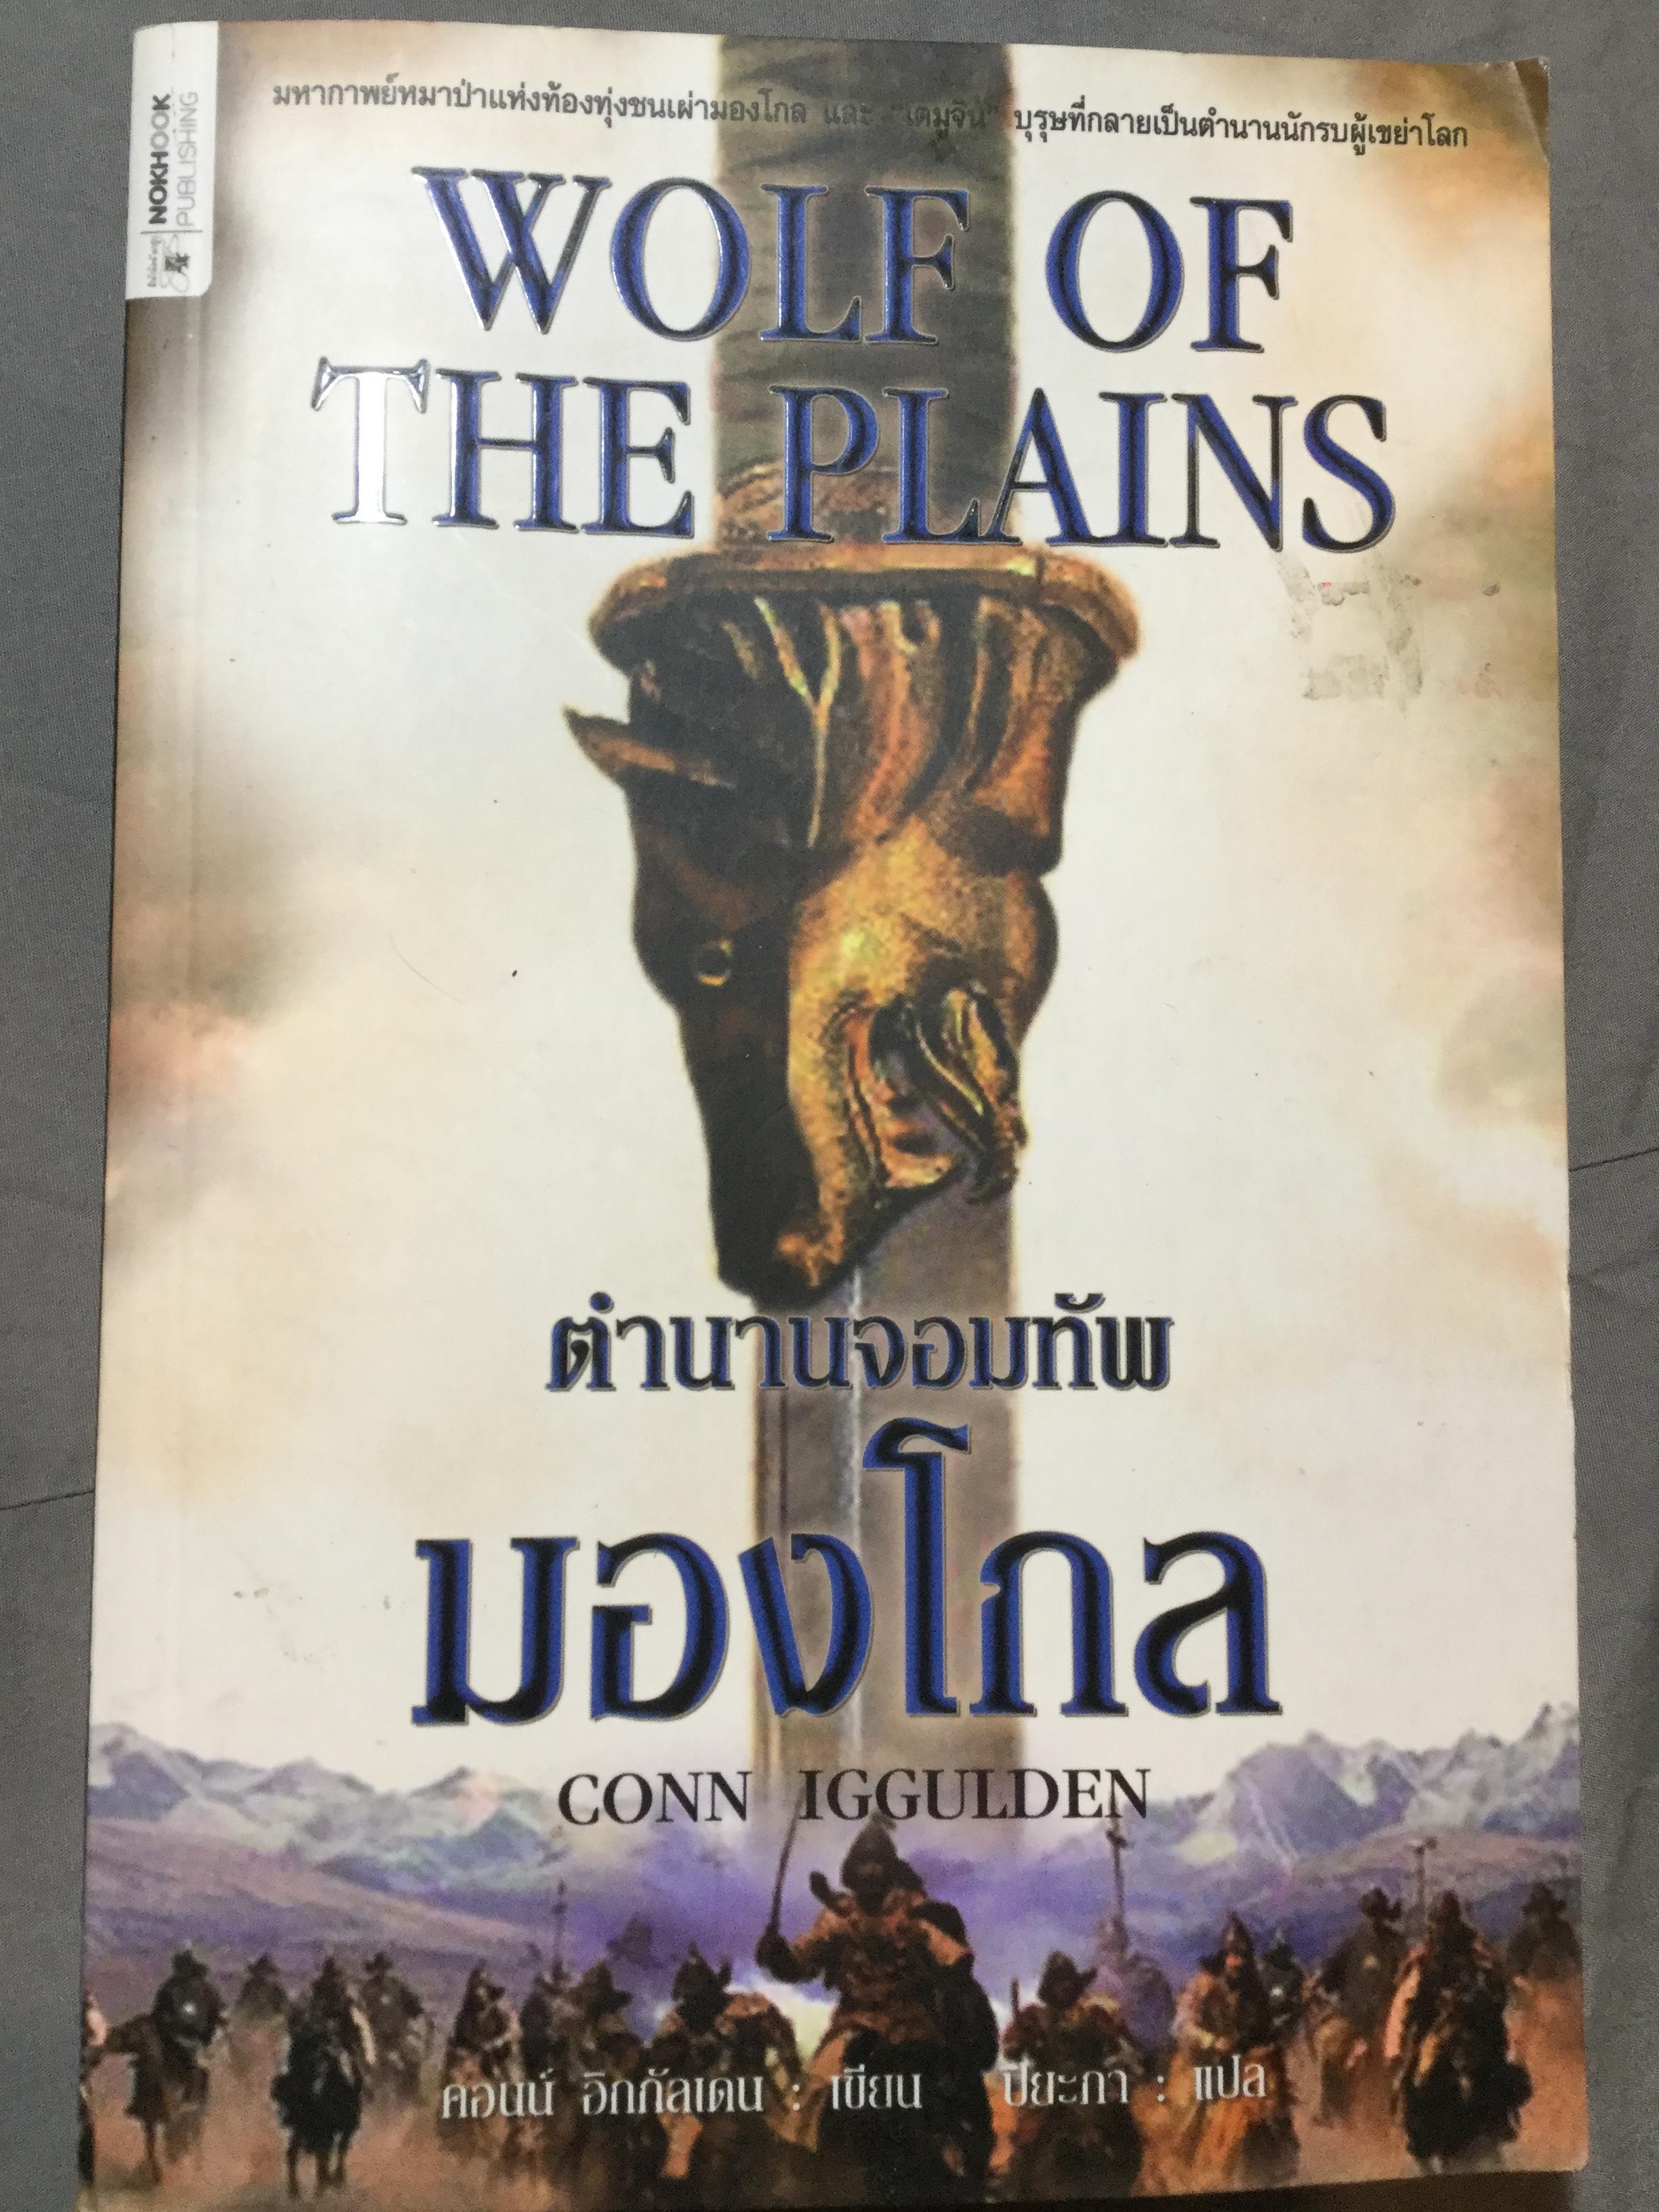 ตำนานจอมทัพ มองโกล. Wolf of the Plains มหากาพย์หมาป่าแห่งท้องทุ่งชนเผ่ามองโกล และเรื่องราวของบุรุษที่กลายเป็นตำนานนักรบผู้เขย่าโลก. ผู้เขียน Conn Iggulden ผู้แปล ปิยะภา